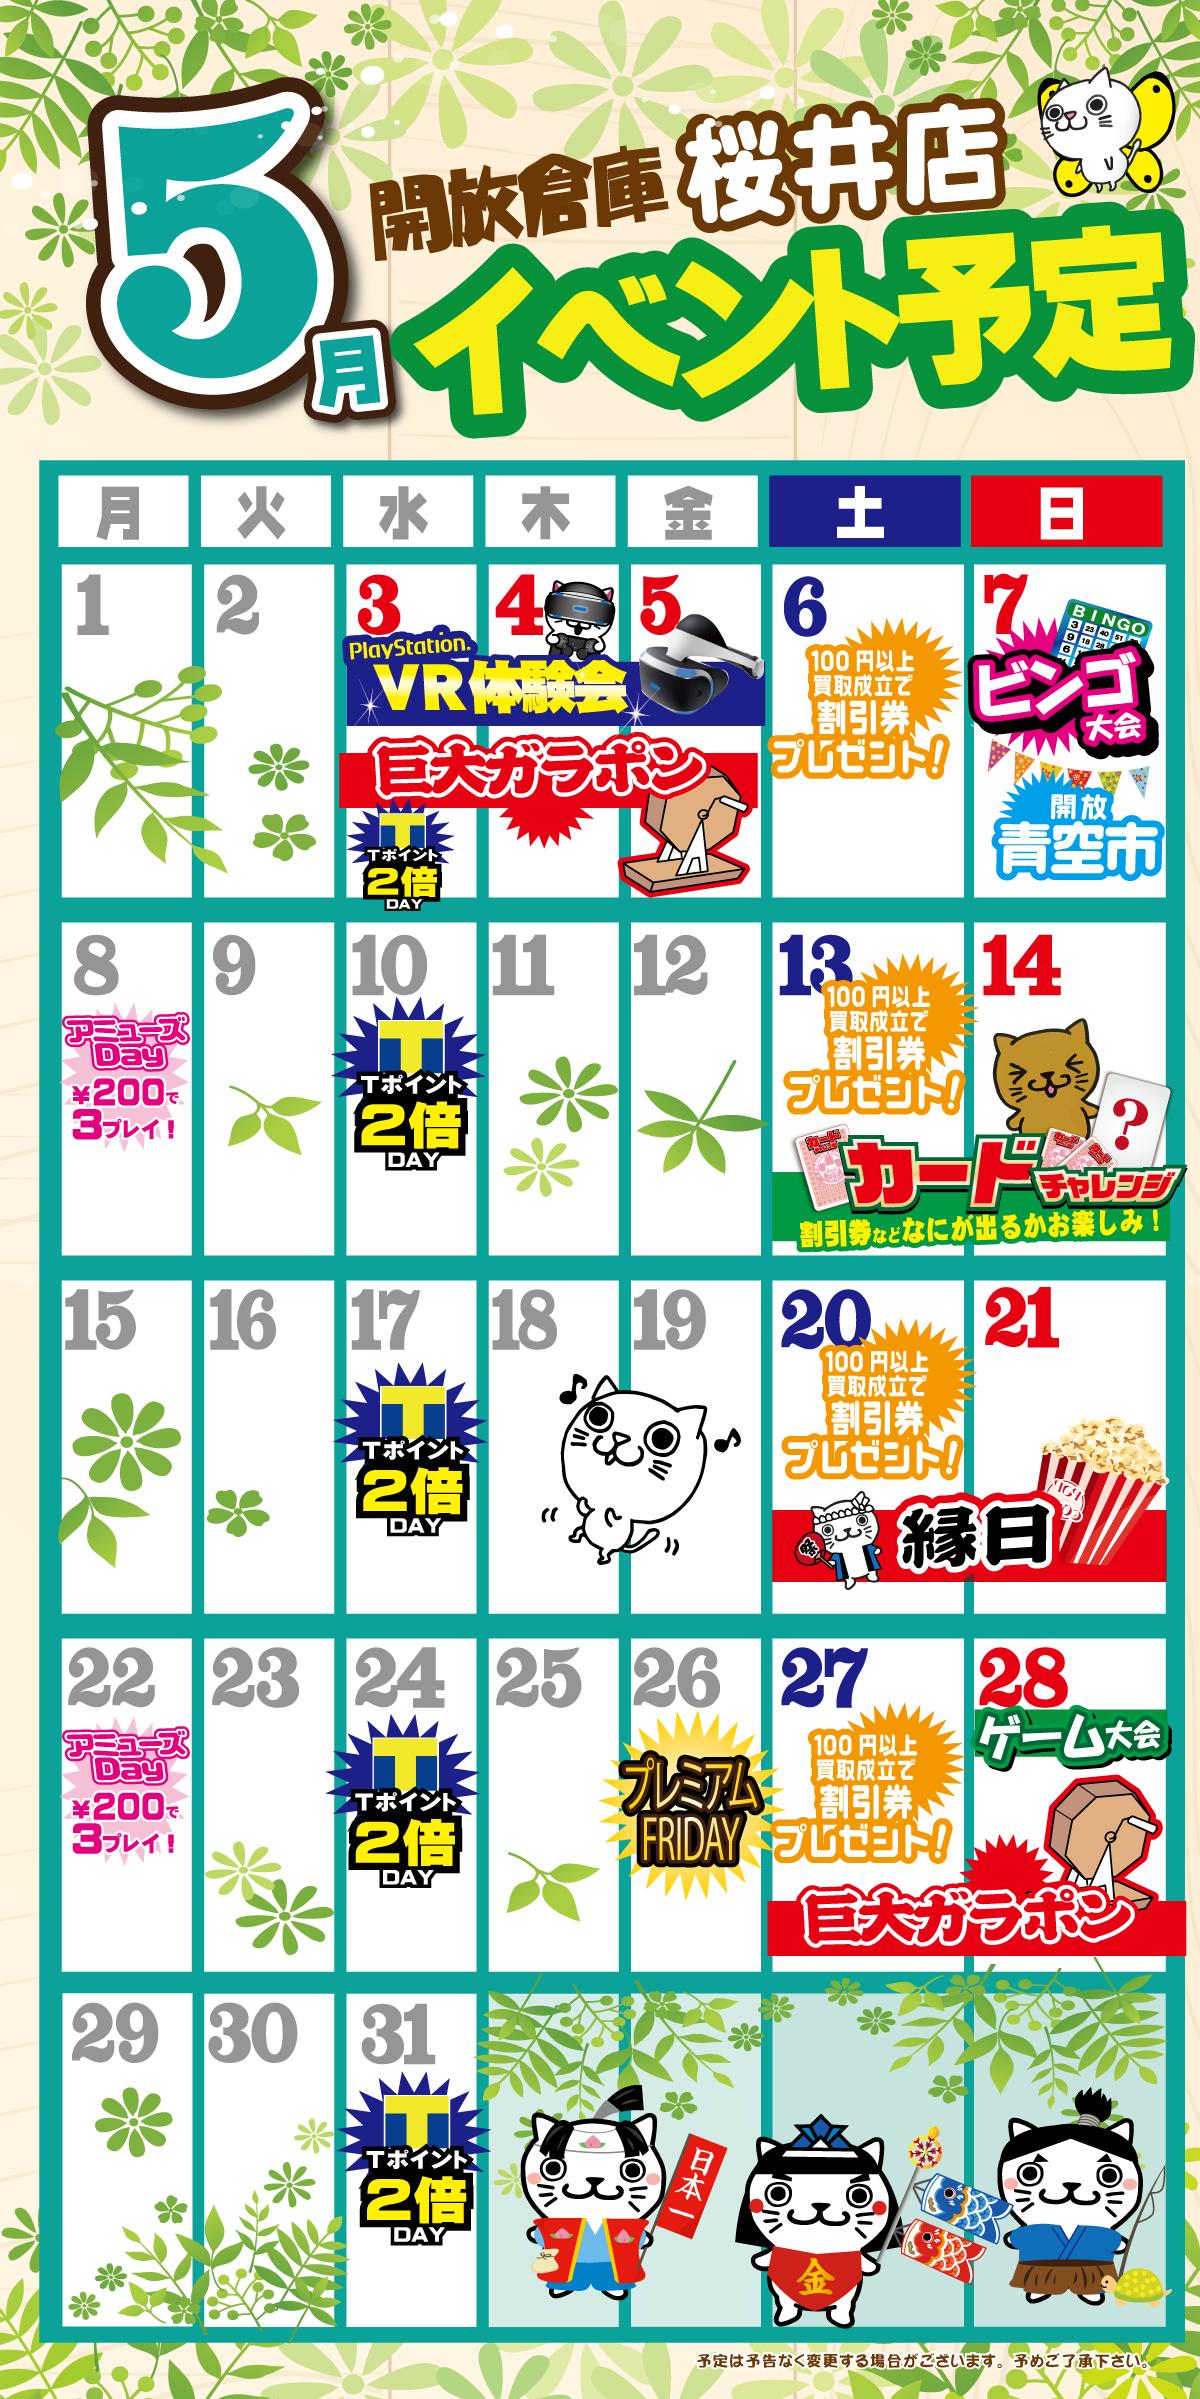 「開放倉庫桜井店」2017年5月のイベント予定表を更新!!今月もイベント盛り沢山!!